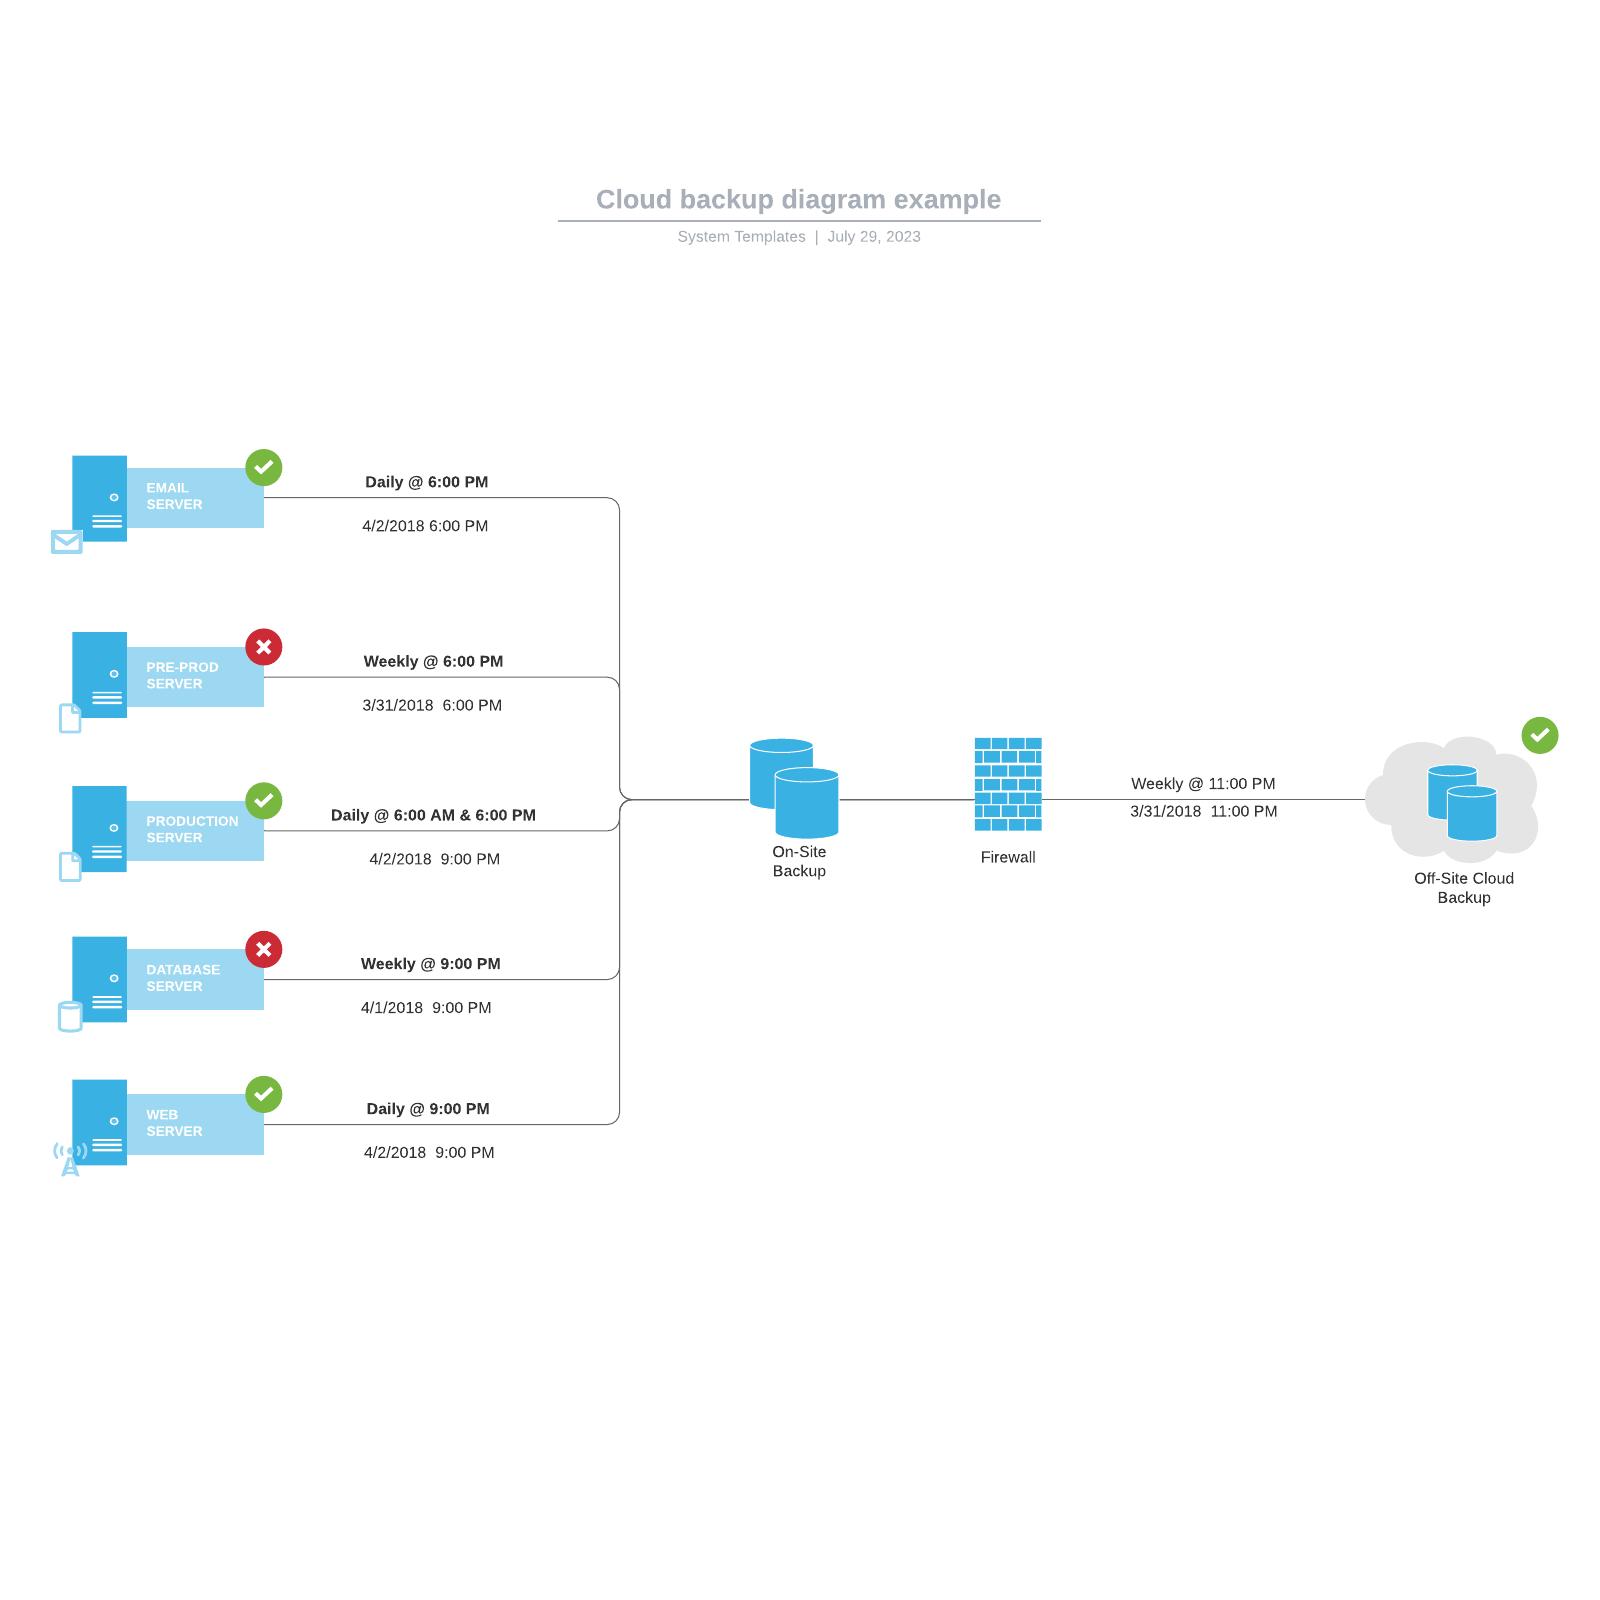 Cloud backup diagram example